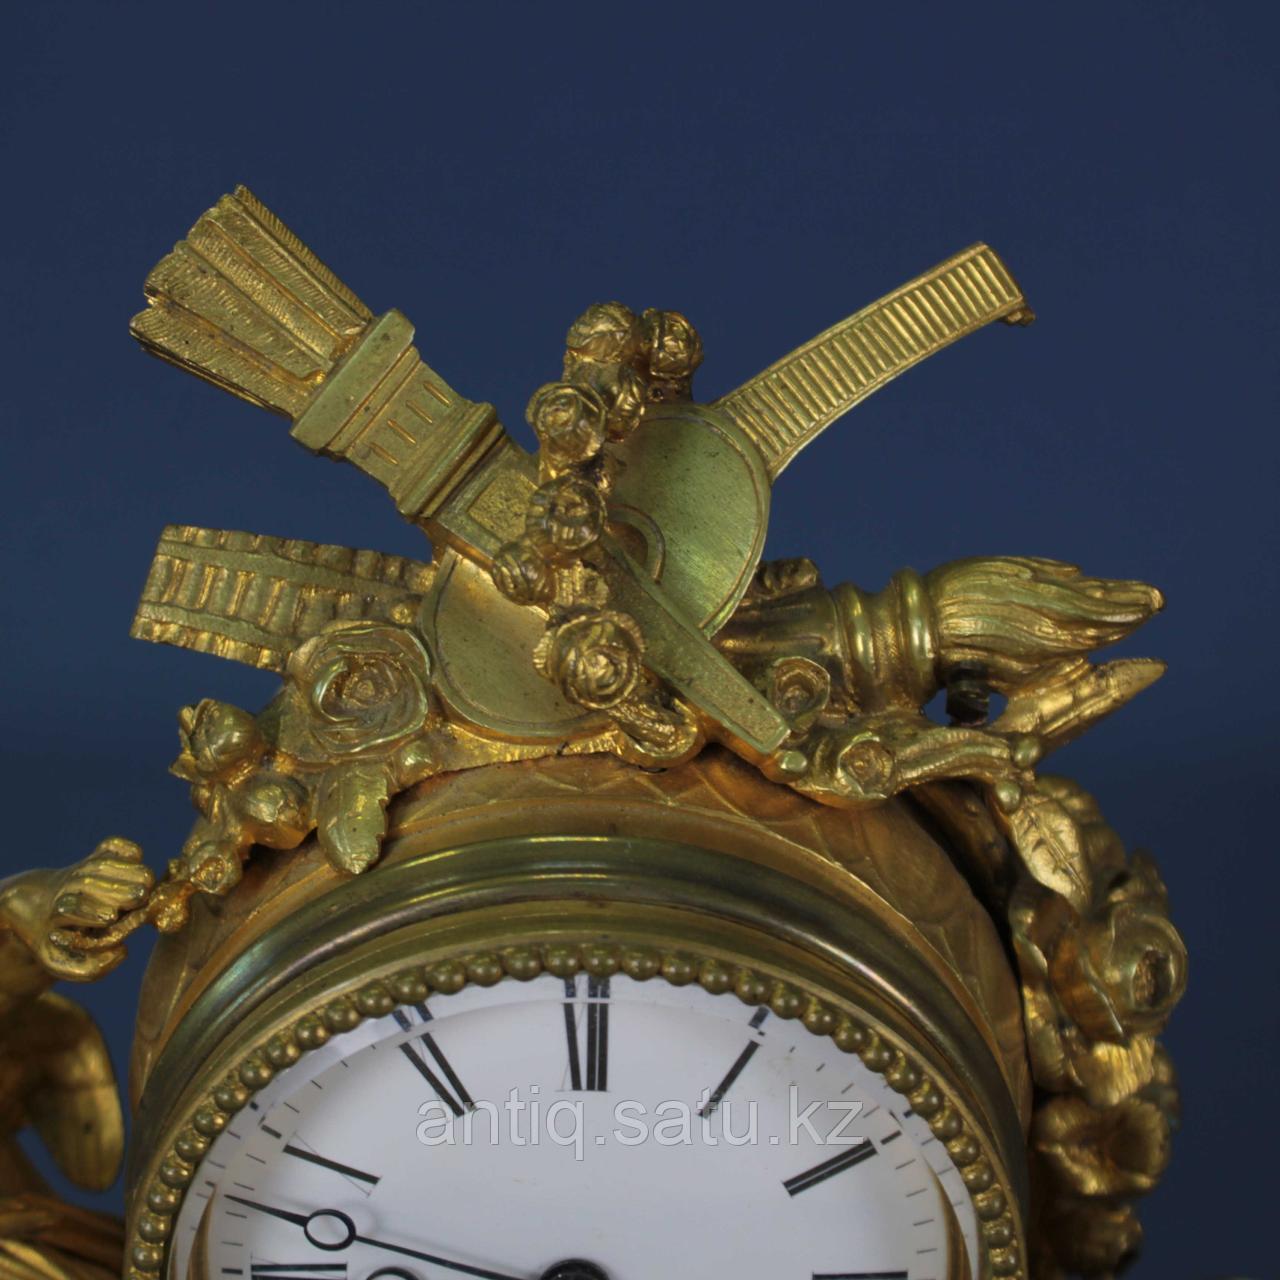 Каминные часы в стиле Людовика XVI. Часовая мастерская Miroy Freres - фото 4